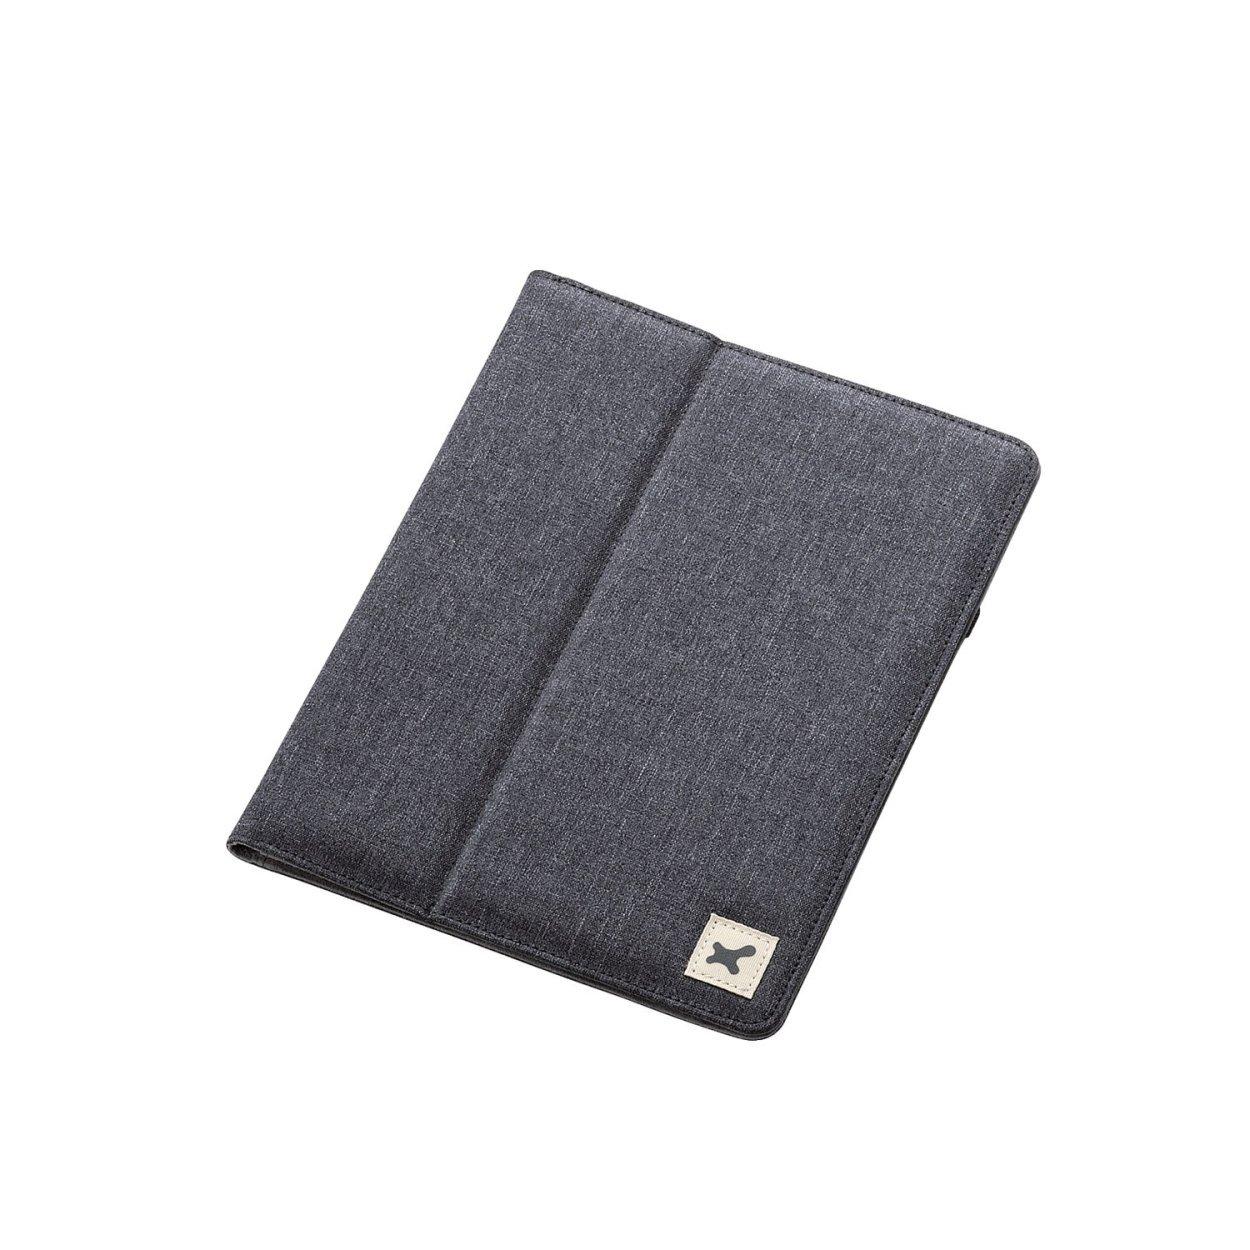 エレコム 8.5〜10.5インチ汎用タブレットケース ファブリック /黒TB-10FCHBK1個